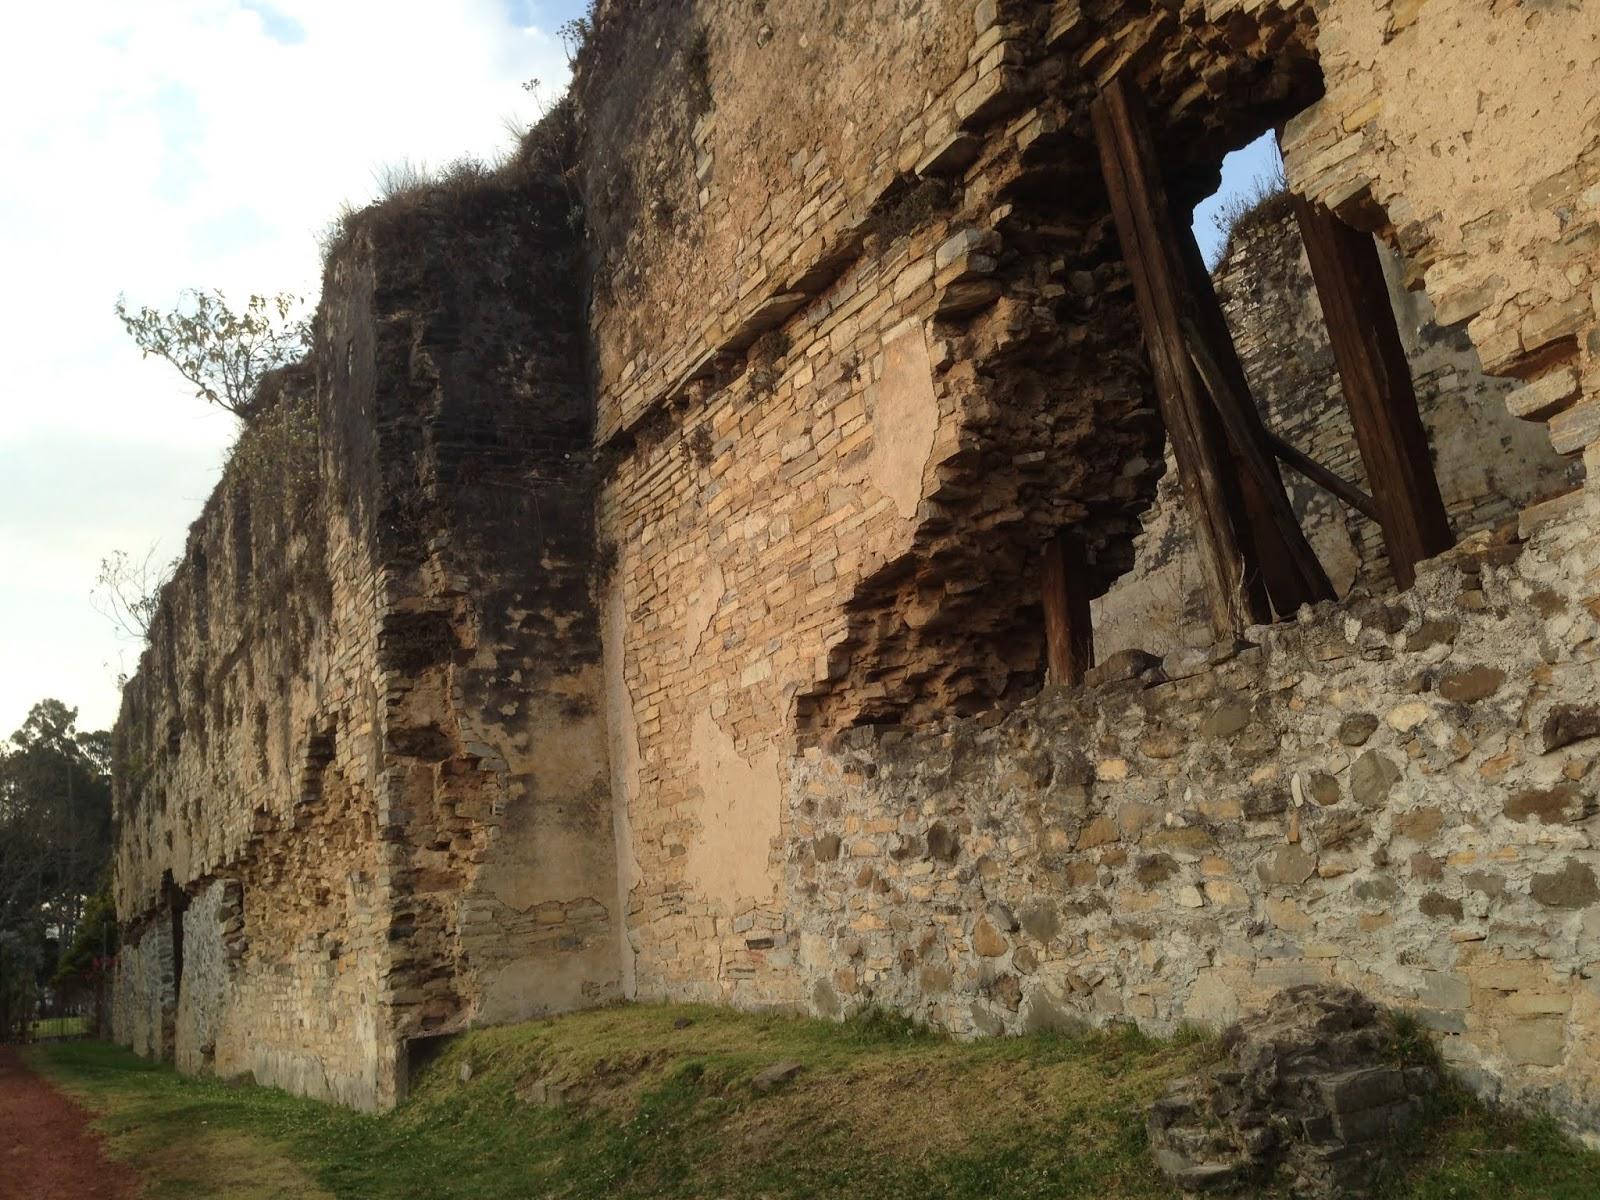 Los paredones en Zacatlán datan del siglo XVI.